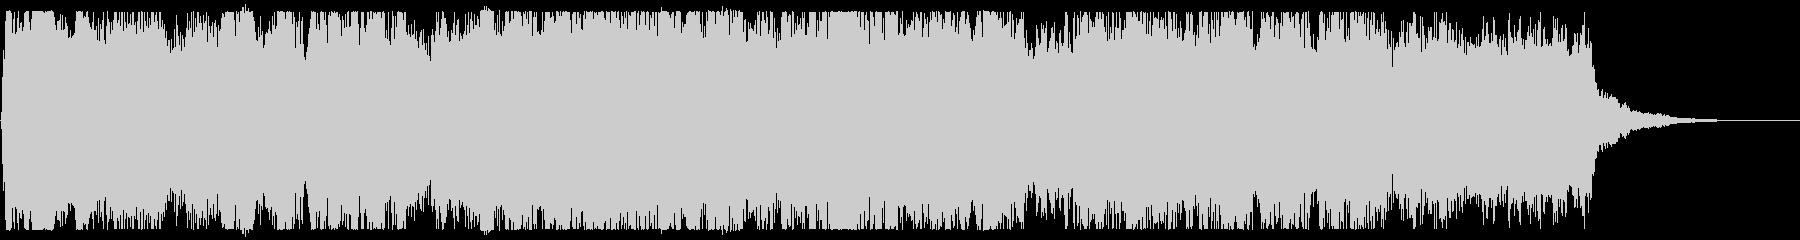 トレーラー、予告編 ファンタジックな曲の未再生の波形